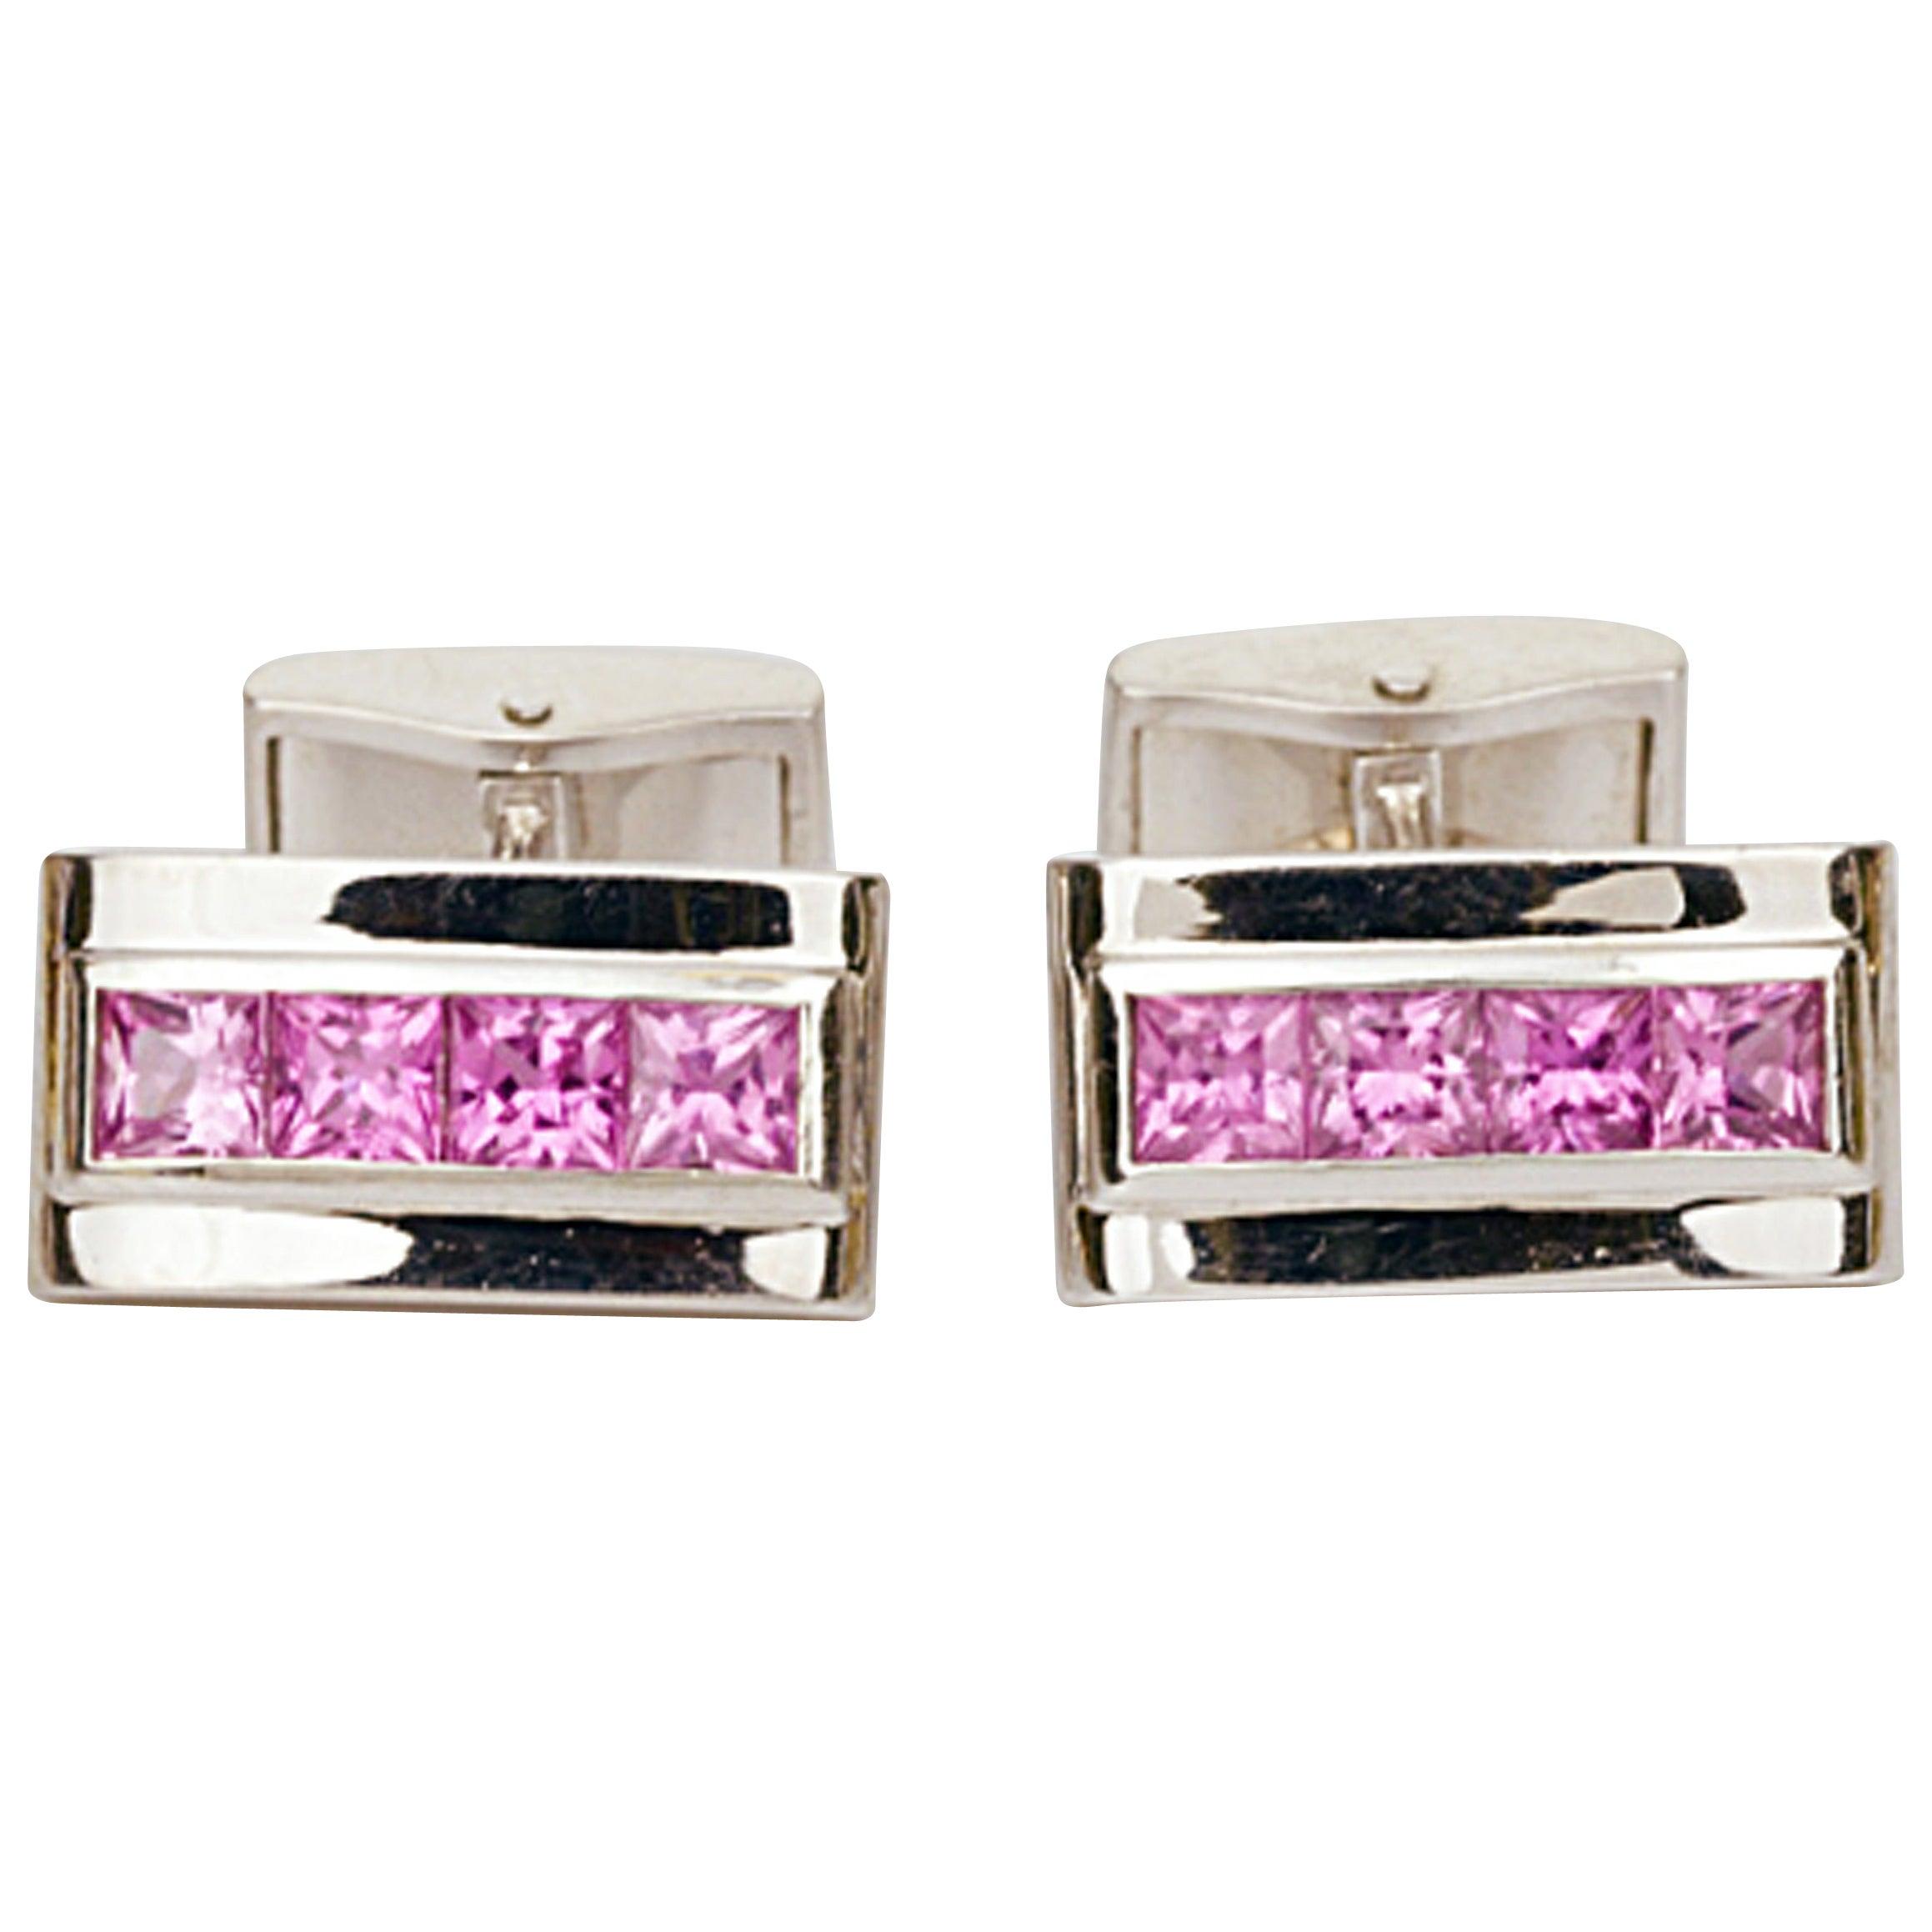 Matthew Cambery 18 Karat White Gold Princess Cut Pink Sapphire Cufflinks